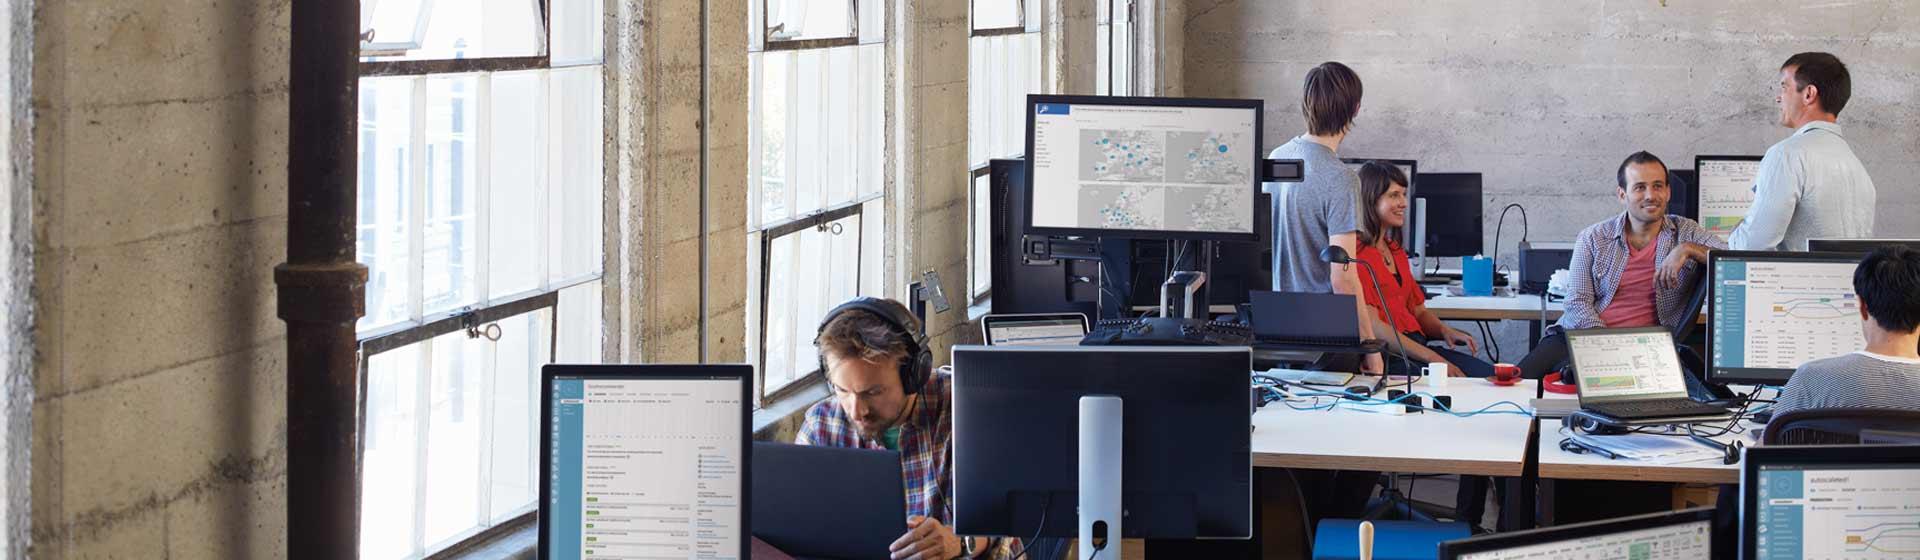 Группа сотрудников в офисе, вокруг много мониторов с запущенным Office365.